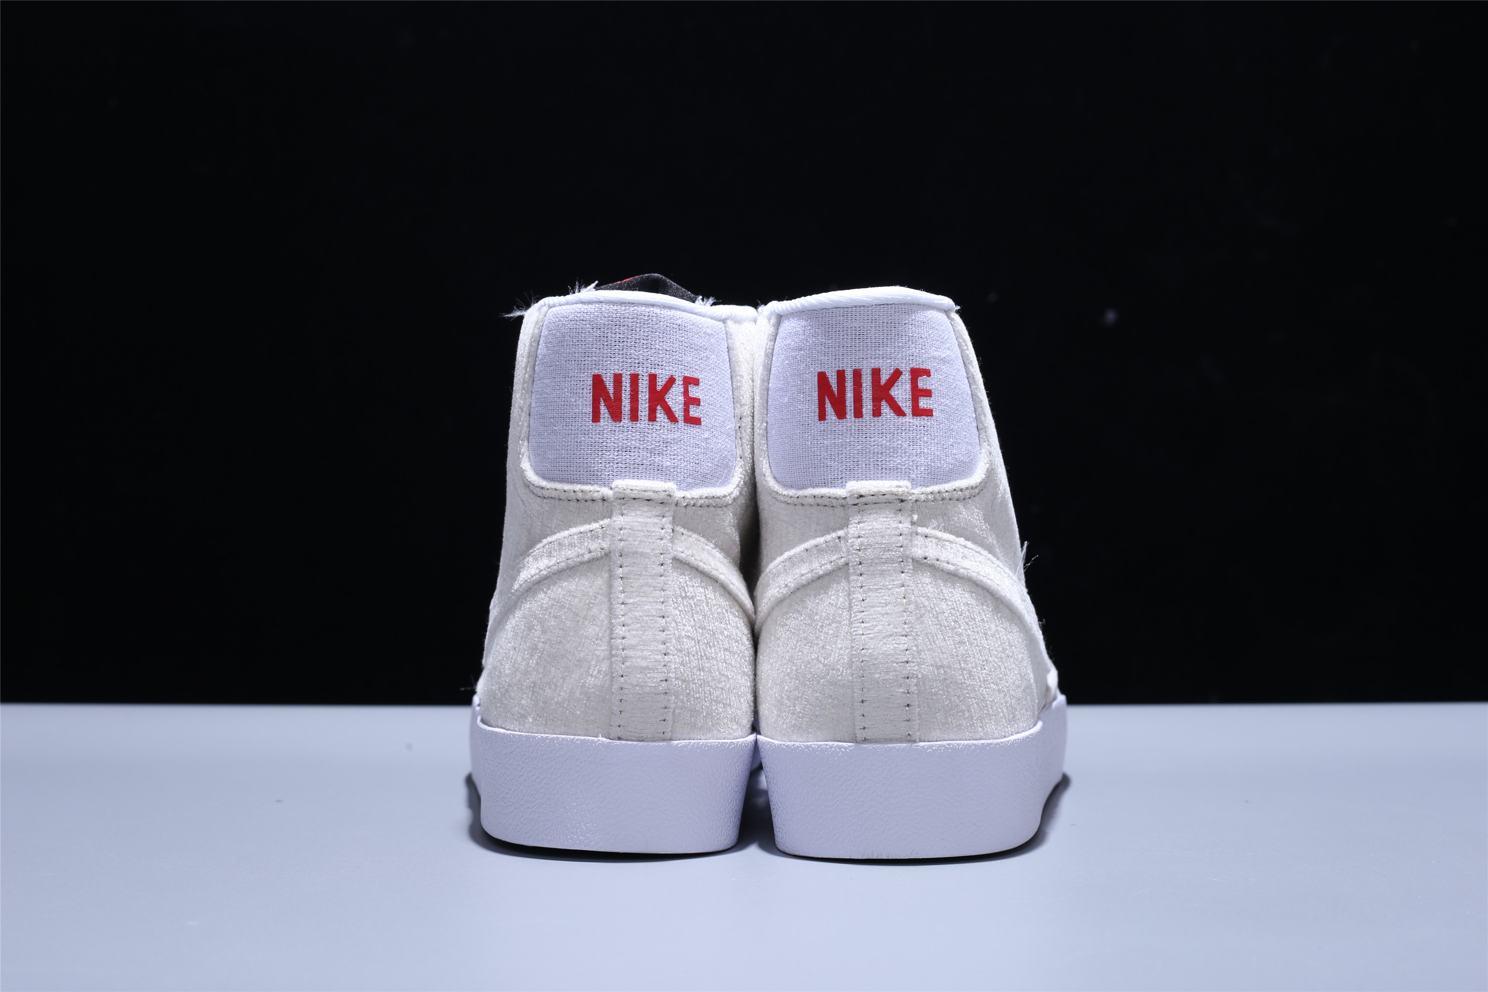 Nike Stranger Things x Blazer Mid QS Upside Down 3